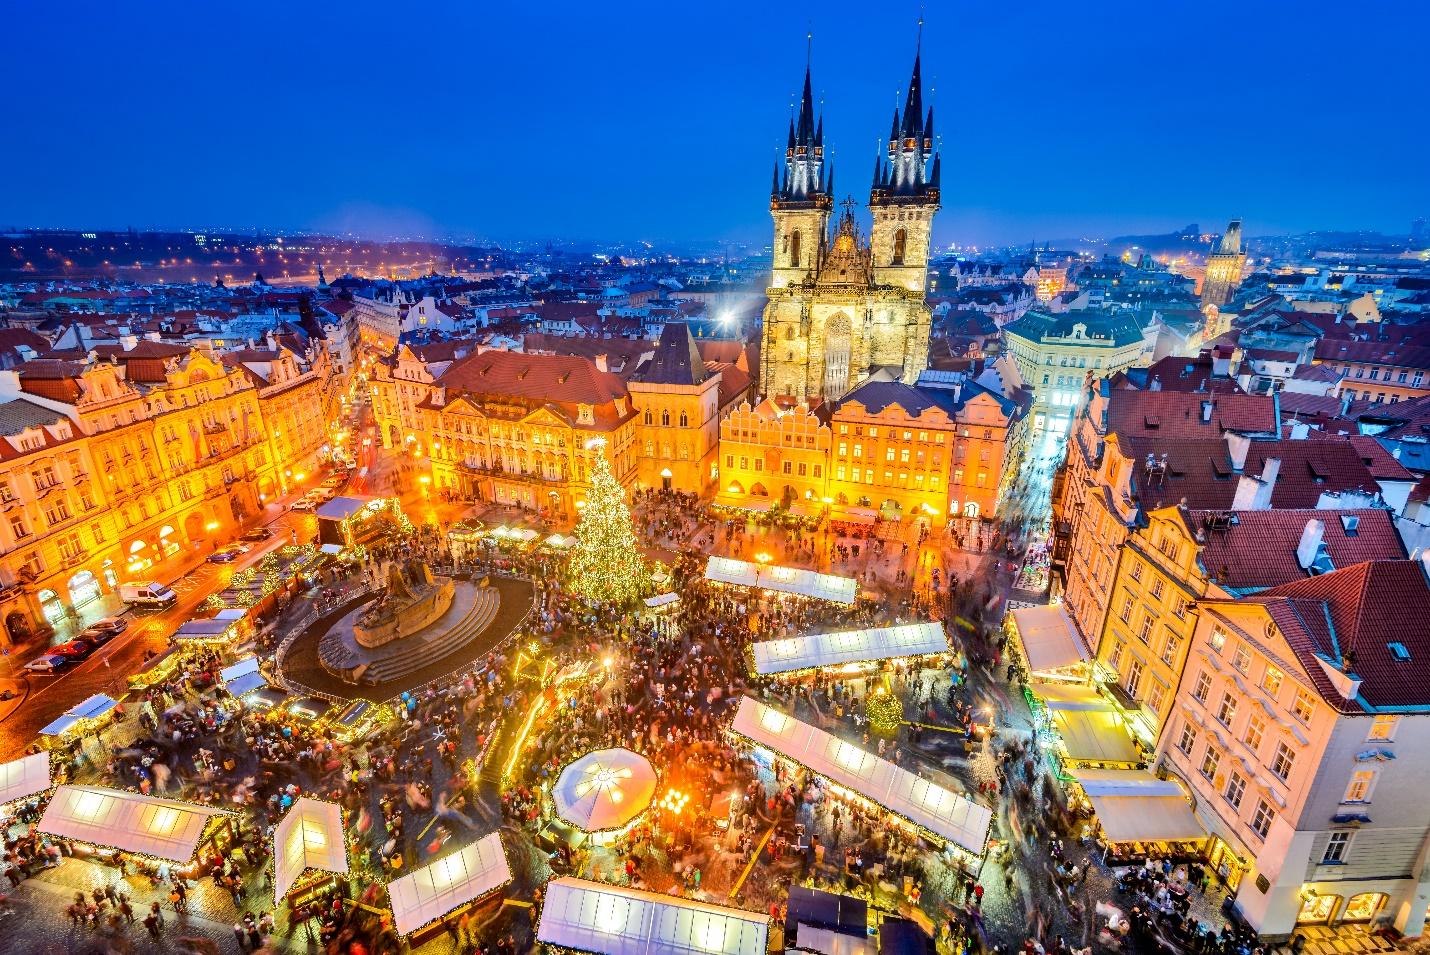 Gợi ý 6 địa điểm đón Giáng sinh tuyệt vời tại châu Âu - Ảnh 6.